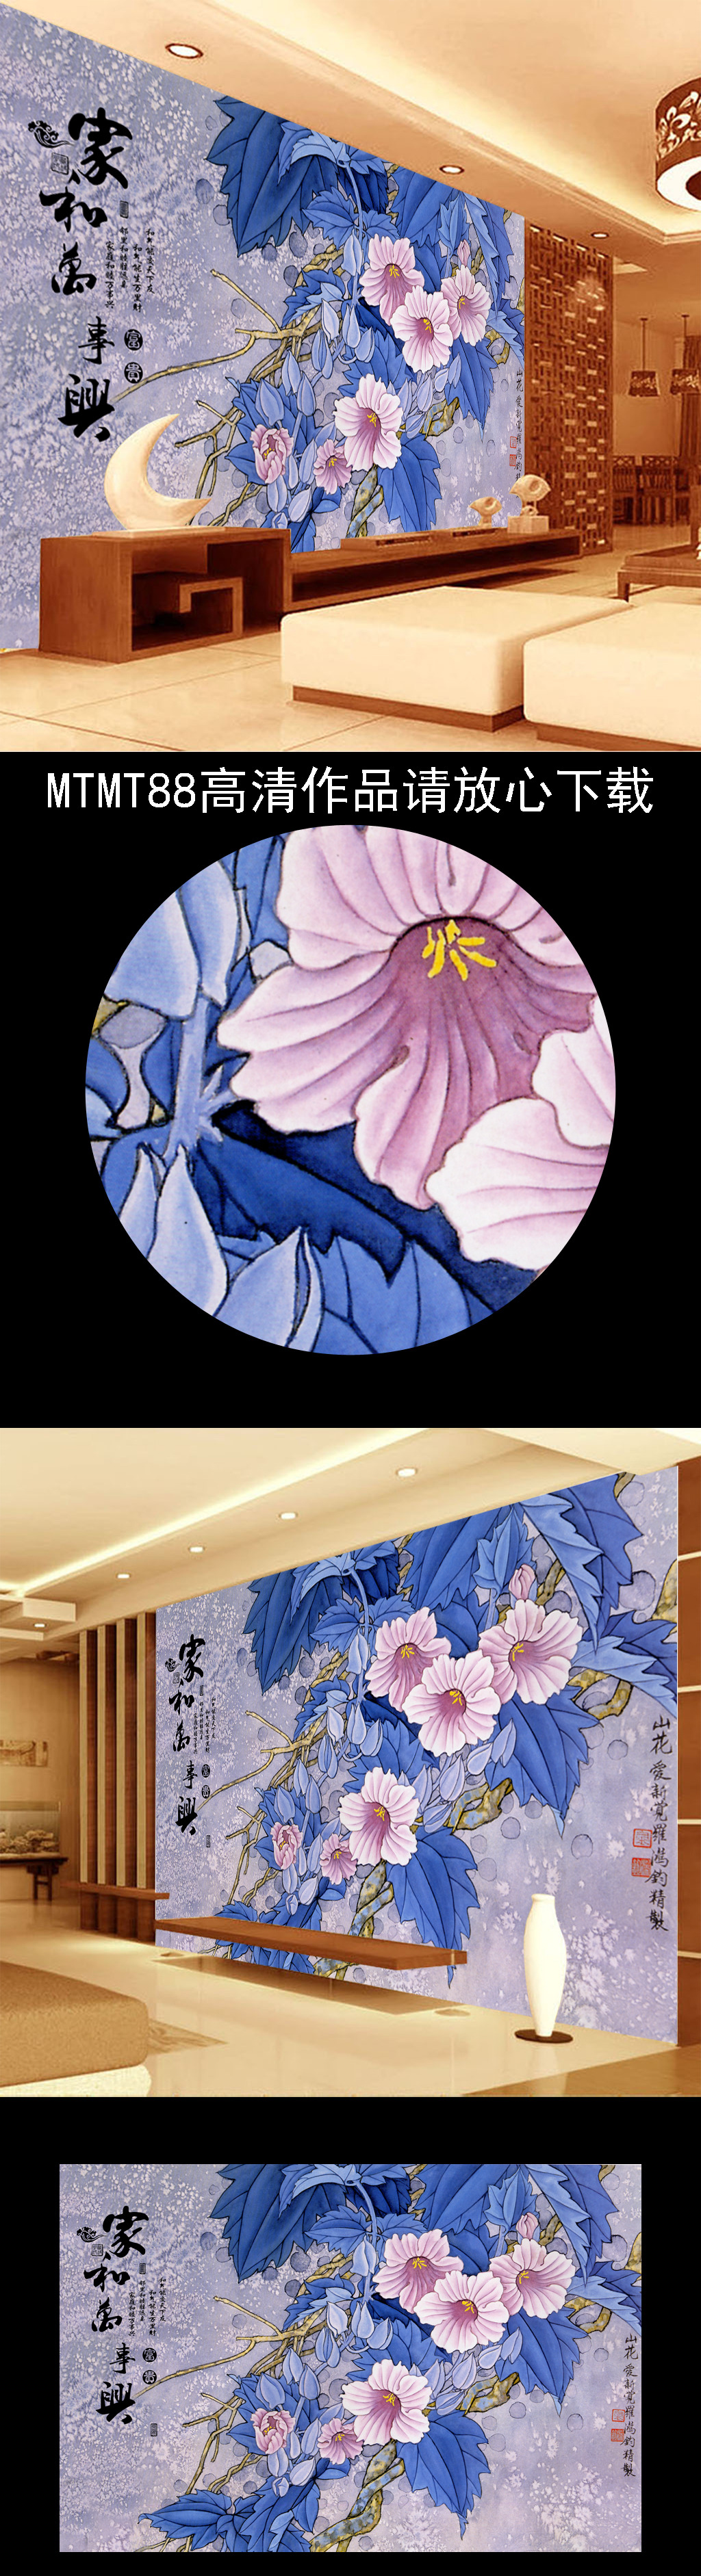 高清手绘山花装饰画